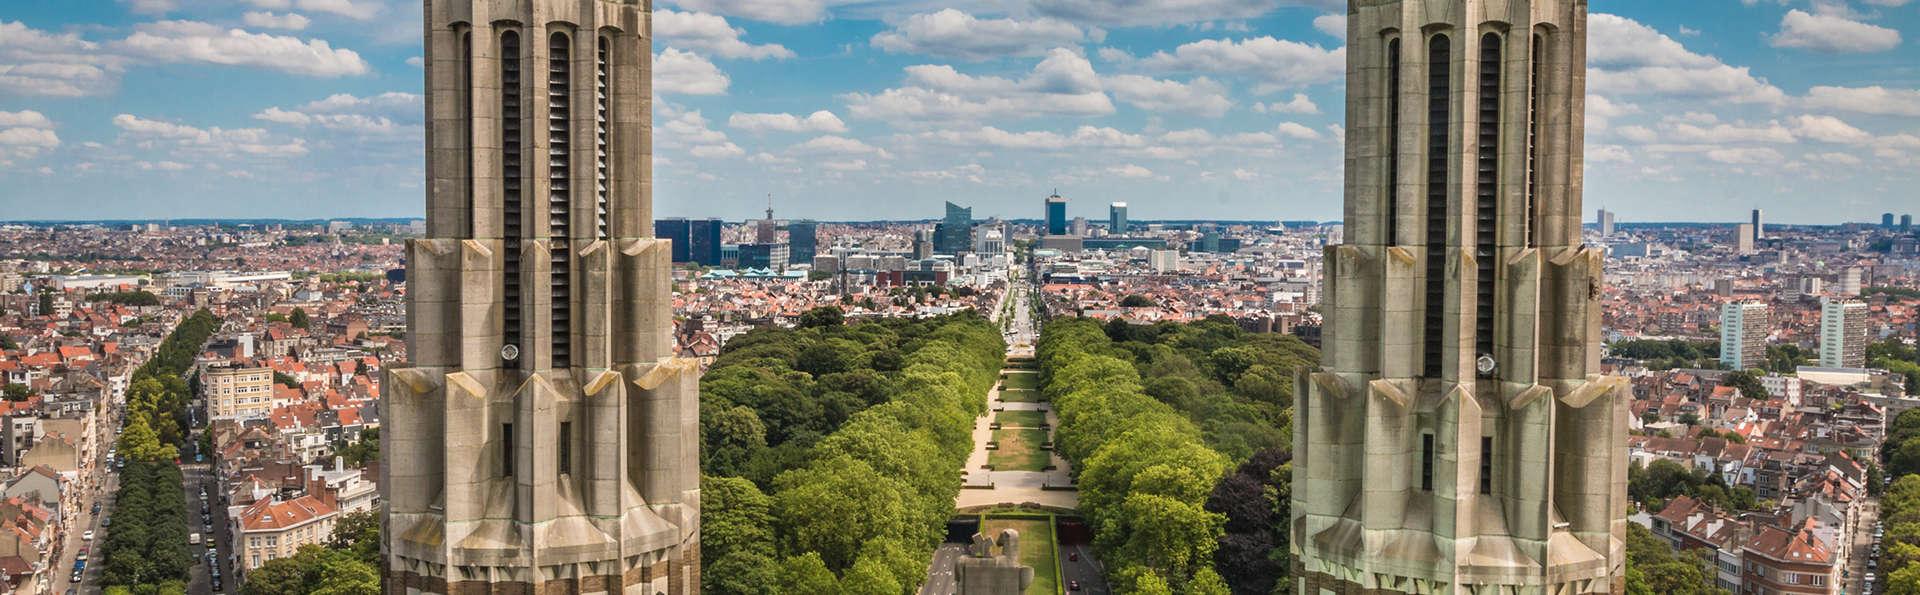 Profitez d'un séjour supérieur à Brussels Airport